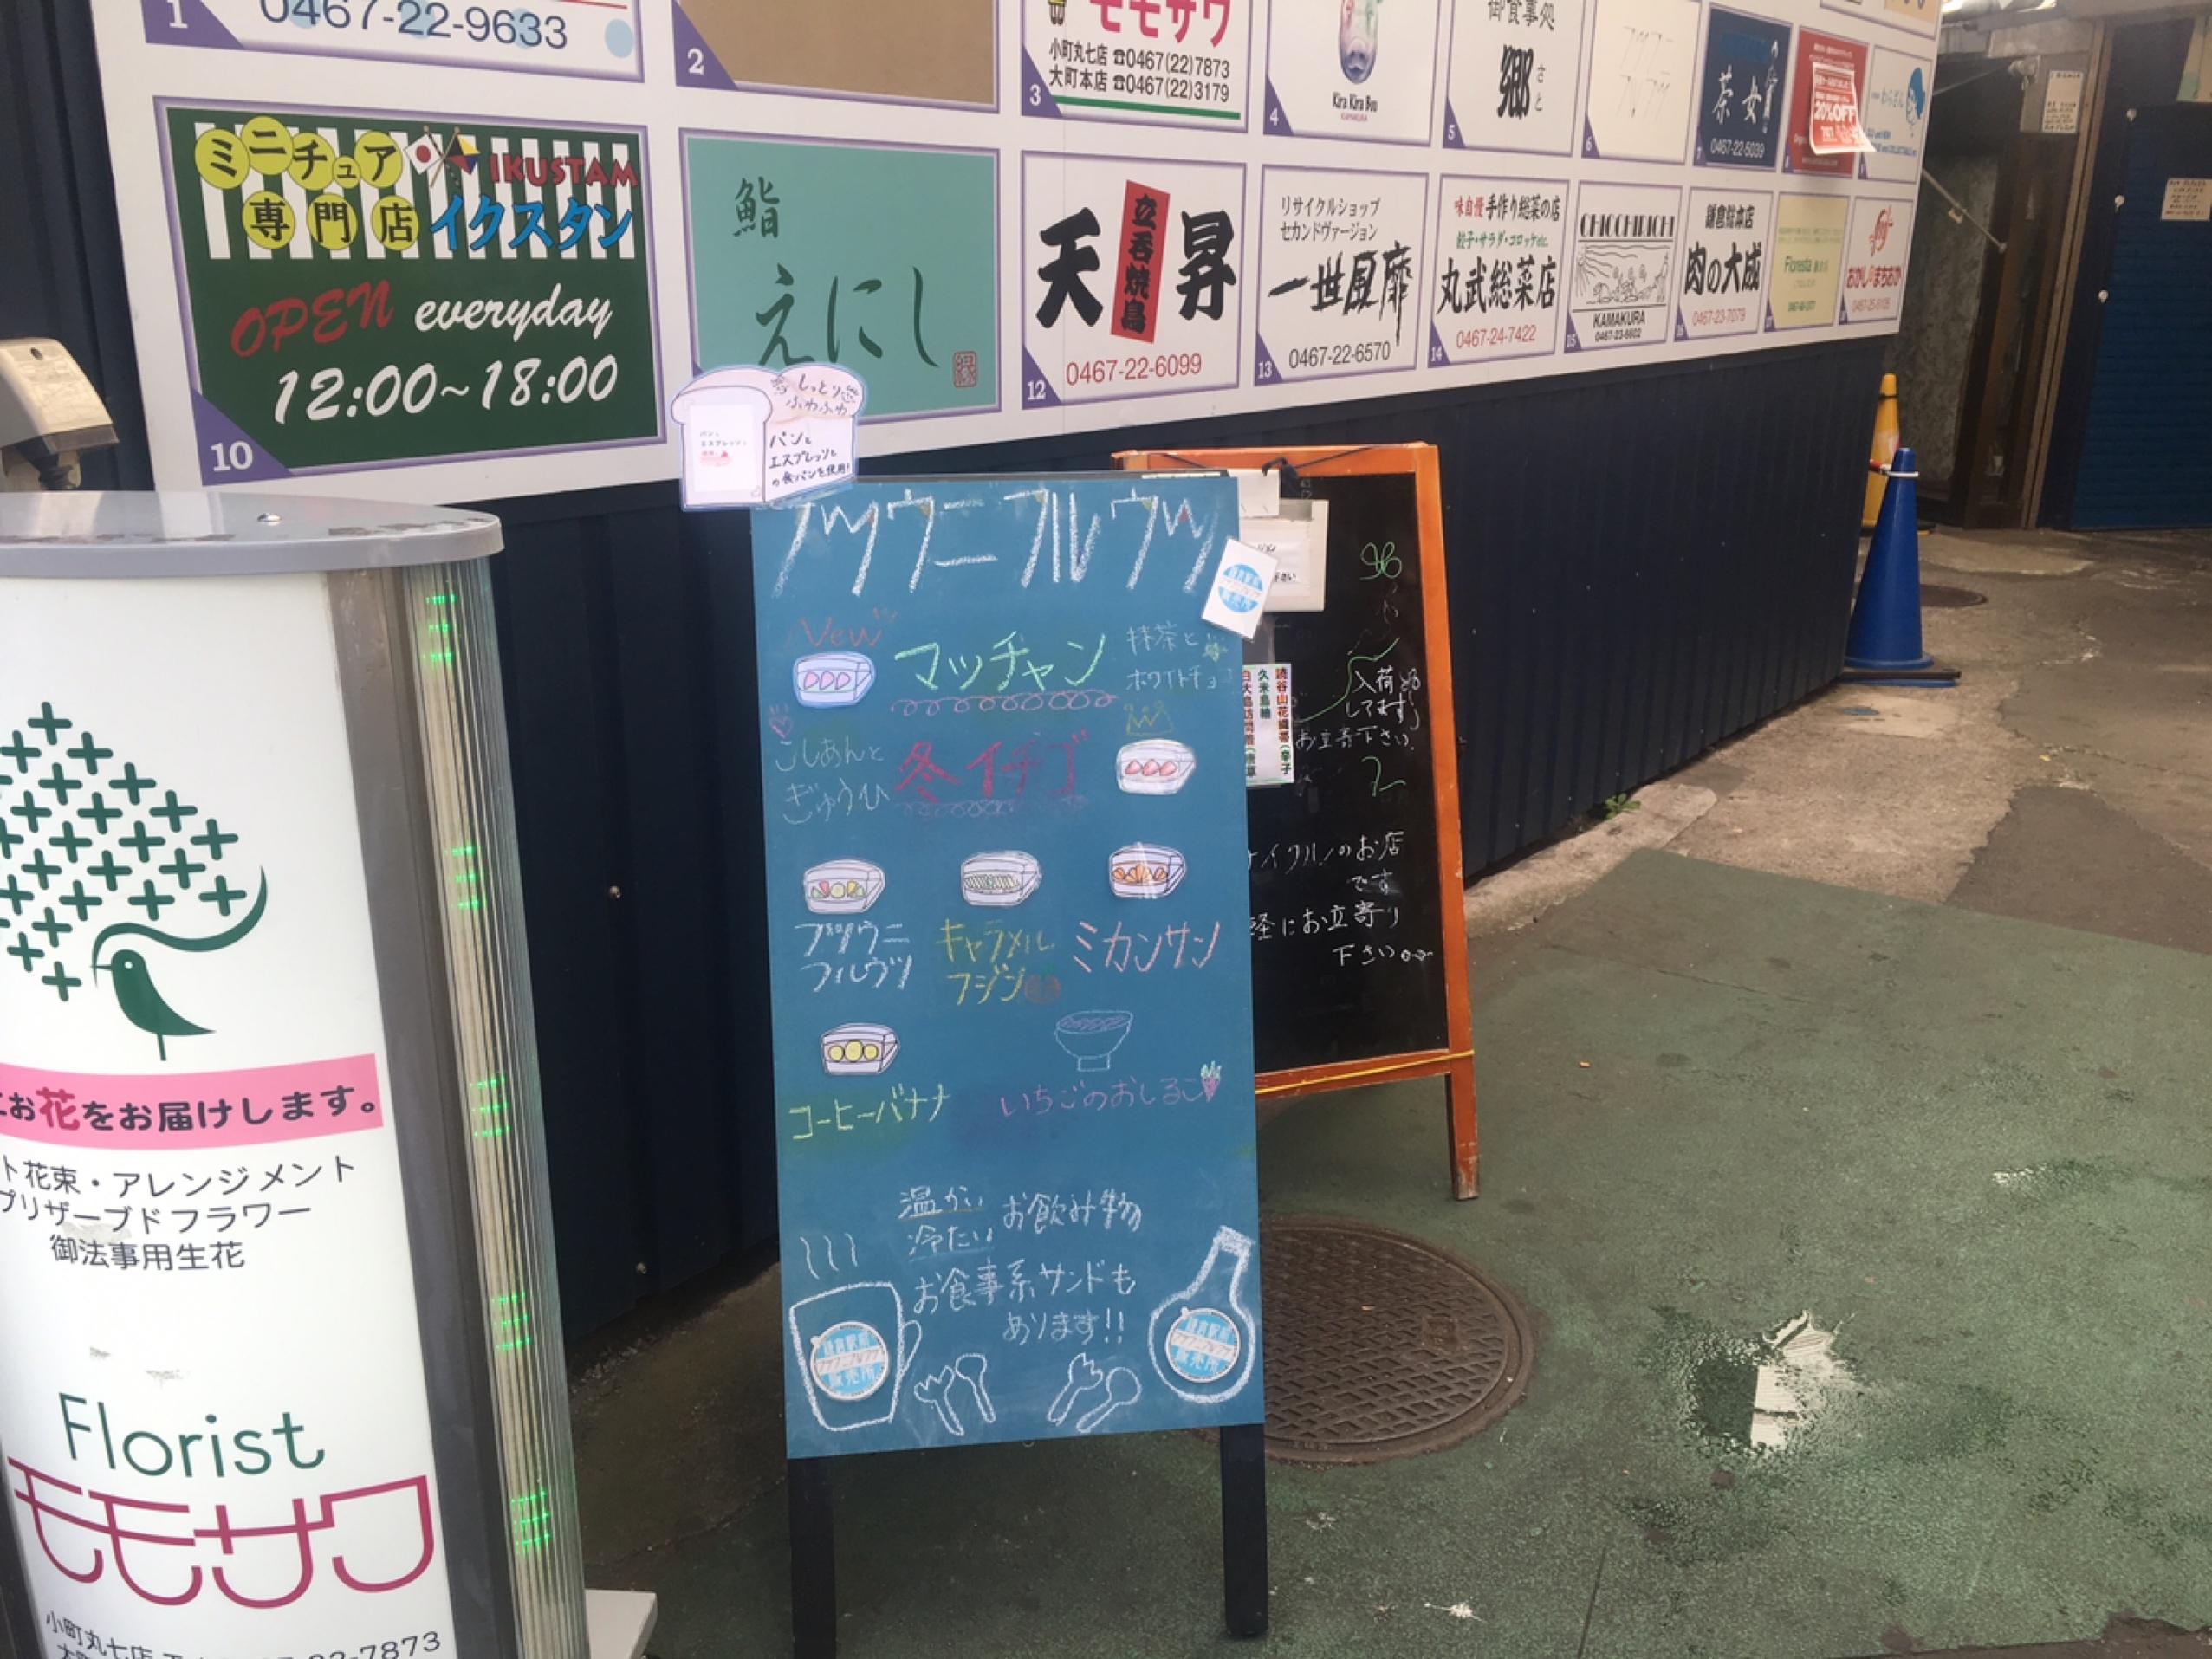 まさかの半日鎌倉観光!いちごのおしるこであったまろう❤︎_1